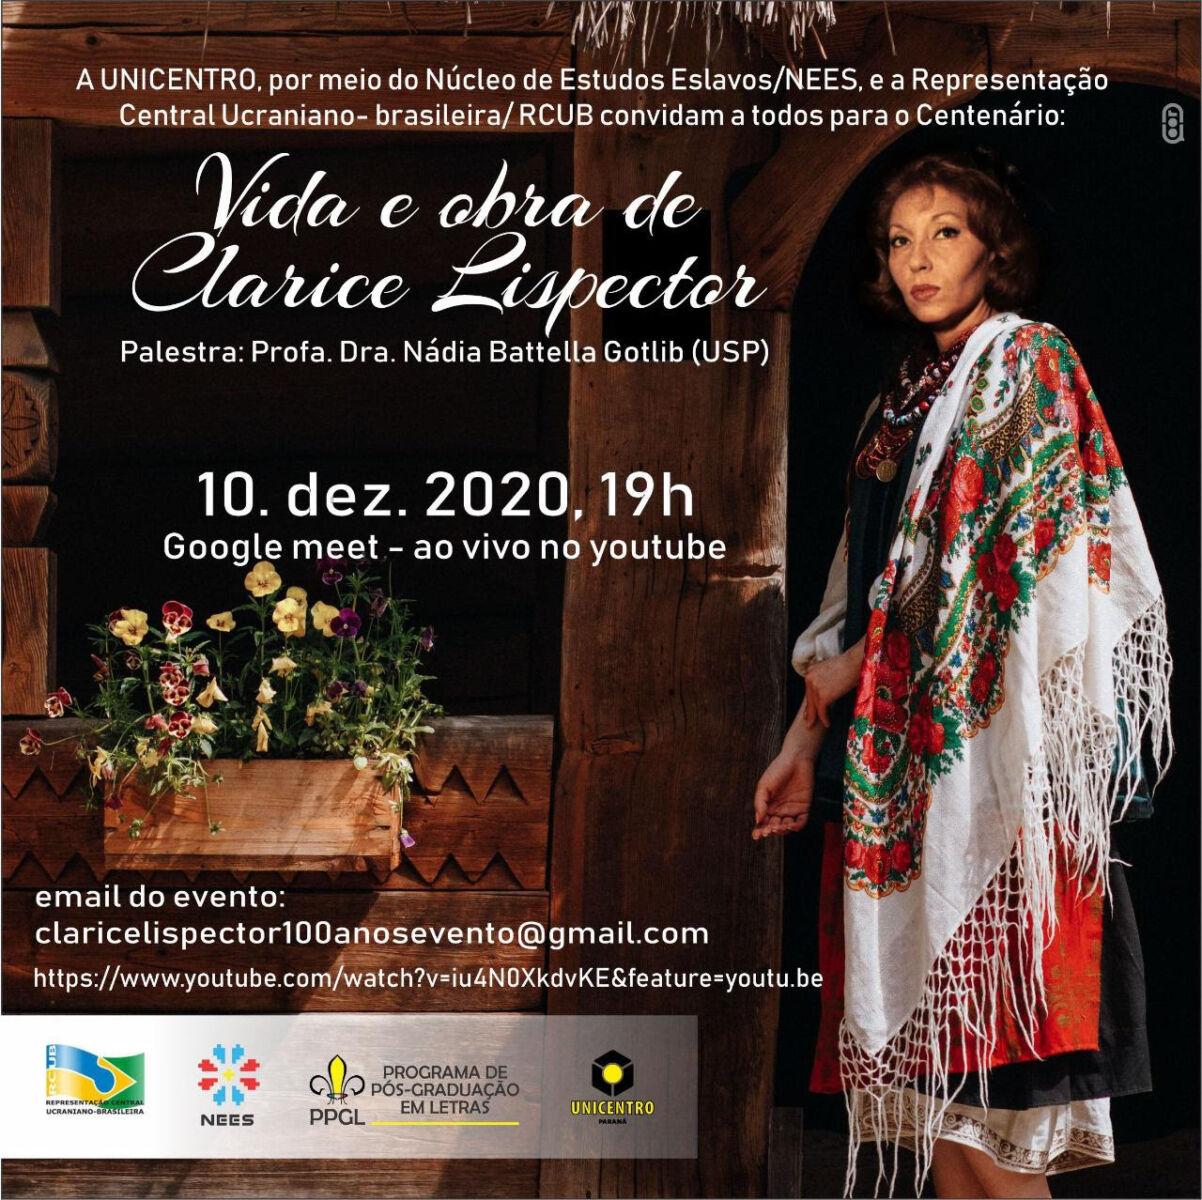 Evento on-line comemorará centenário de Clarice Lispector